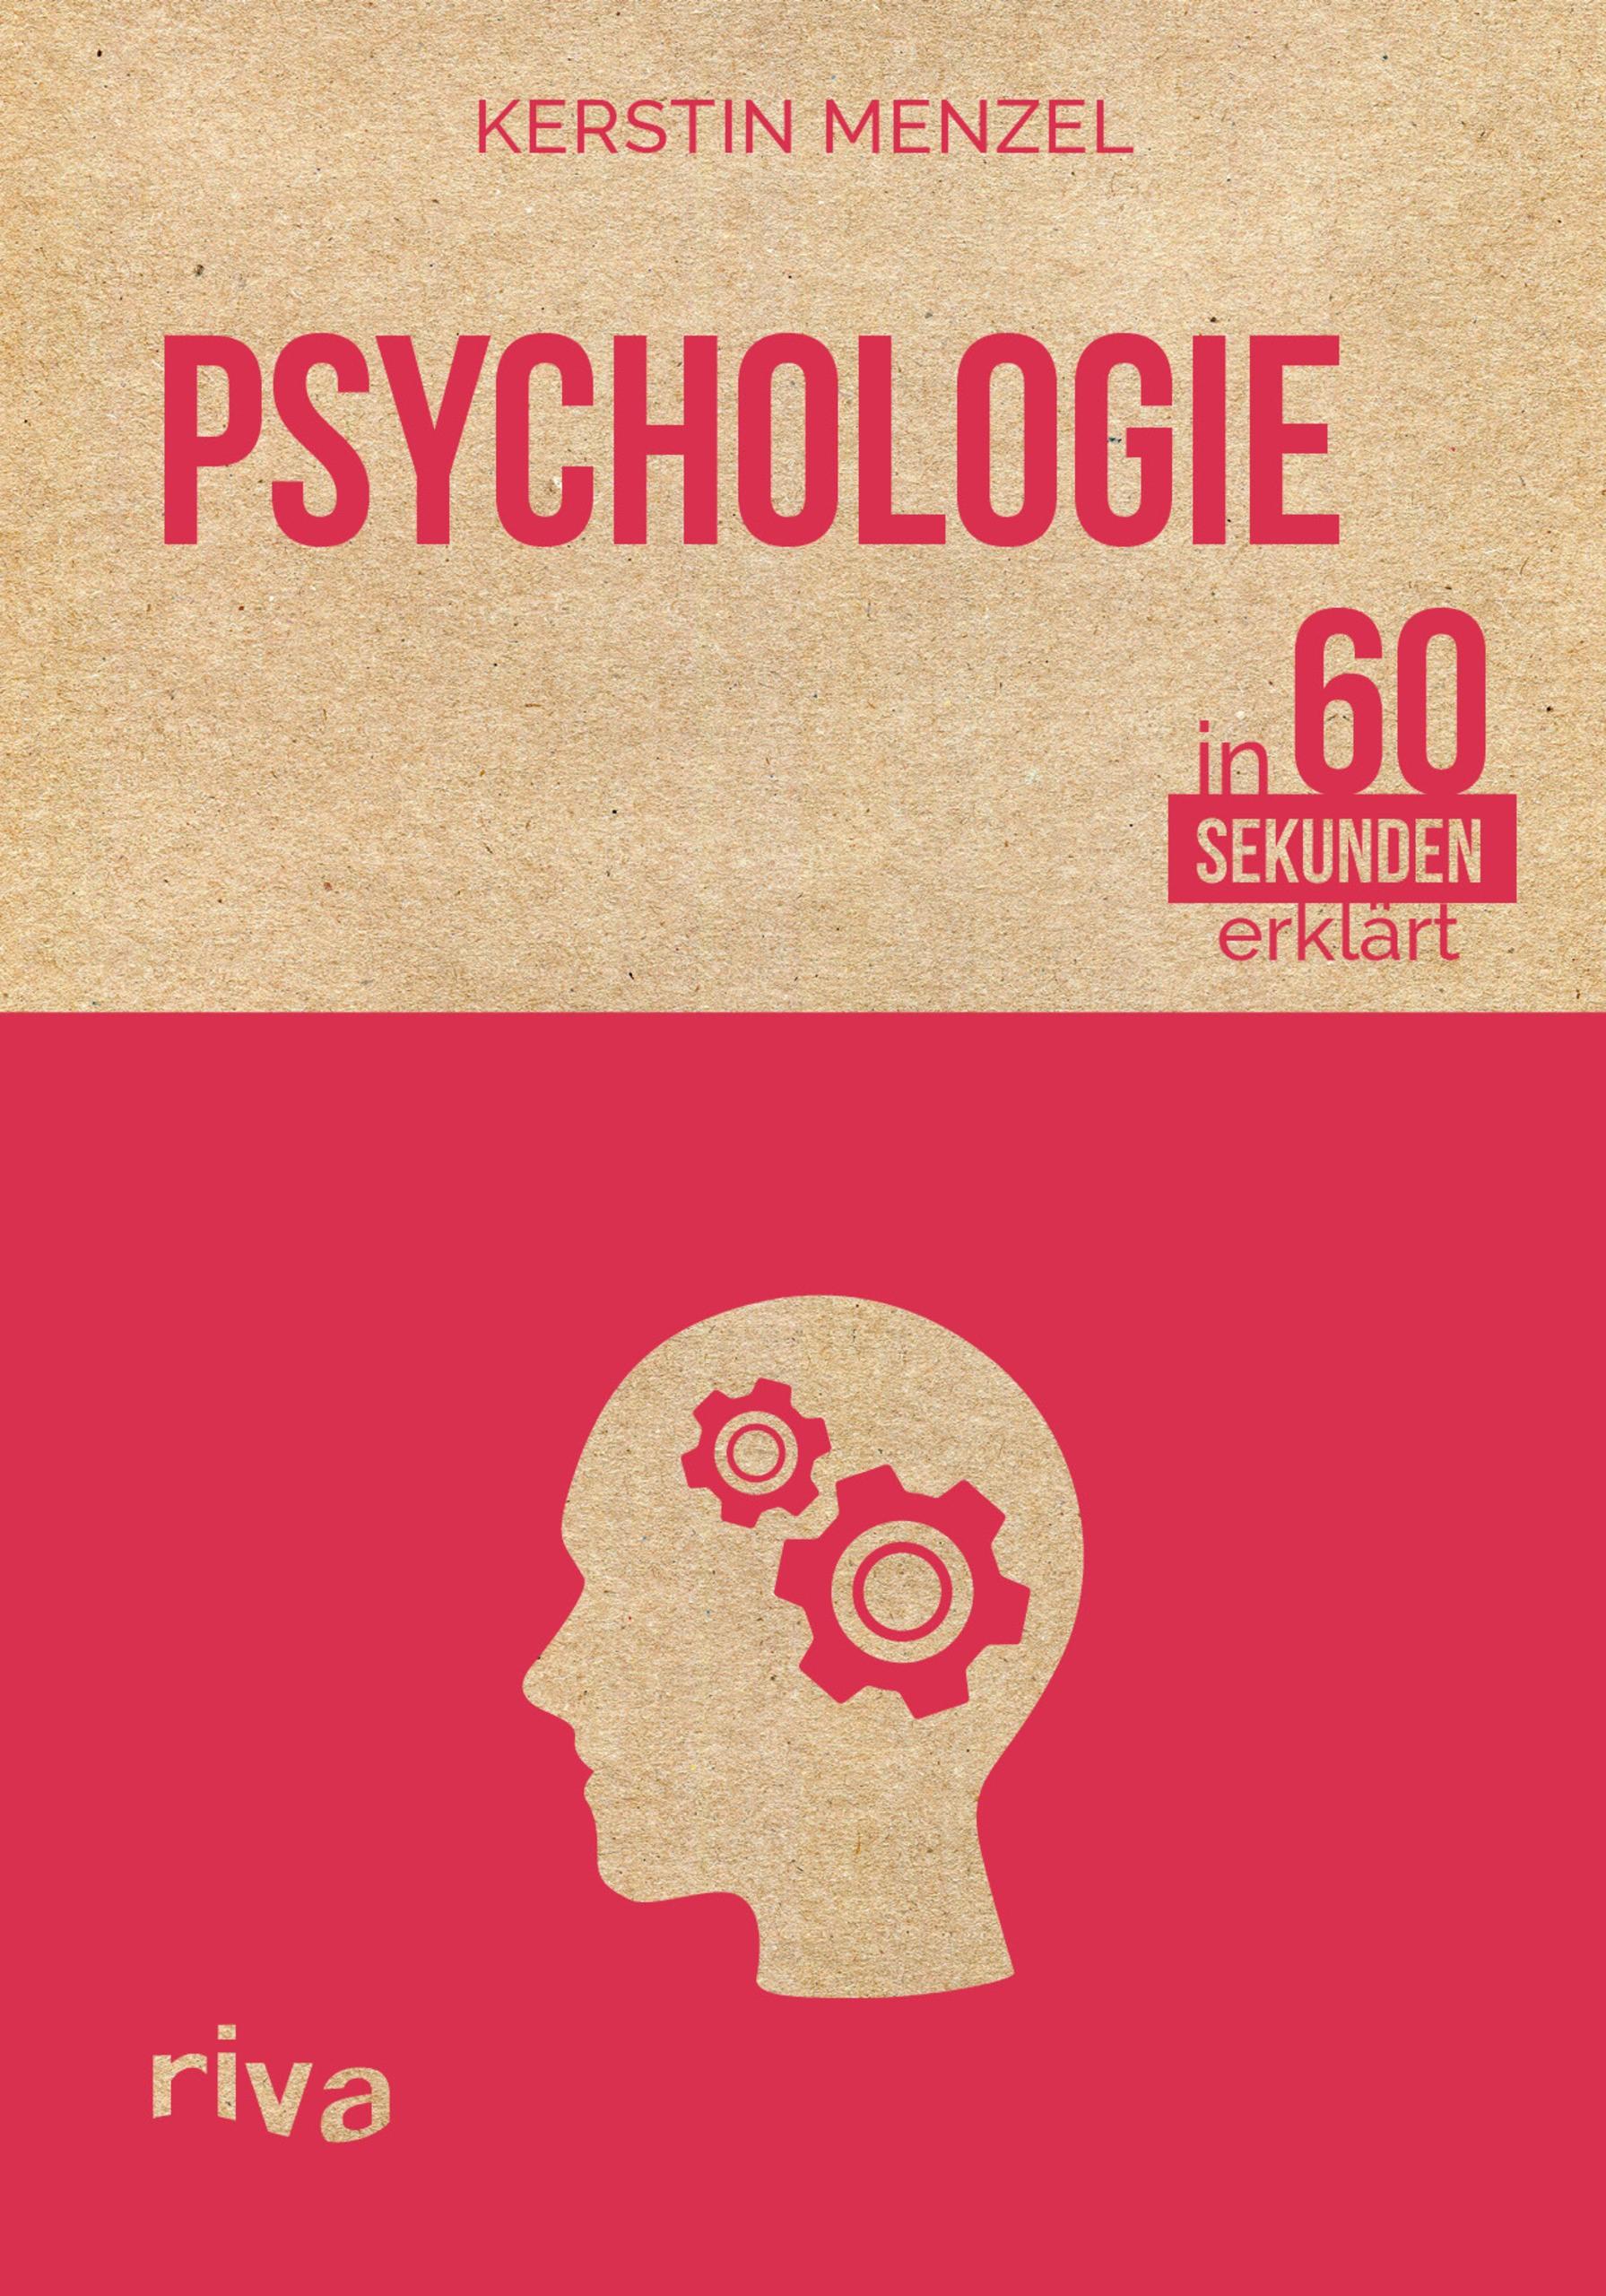 Abbildung von Menzel   Psychologie in 60 Sekunden erklärt   2016